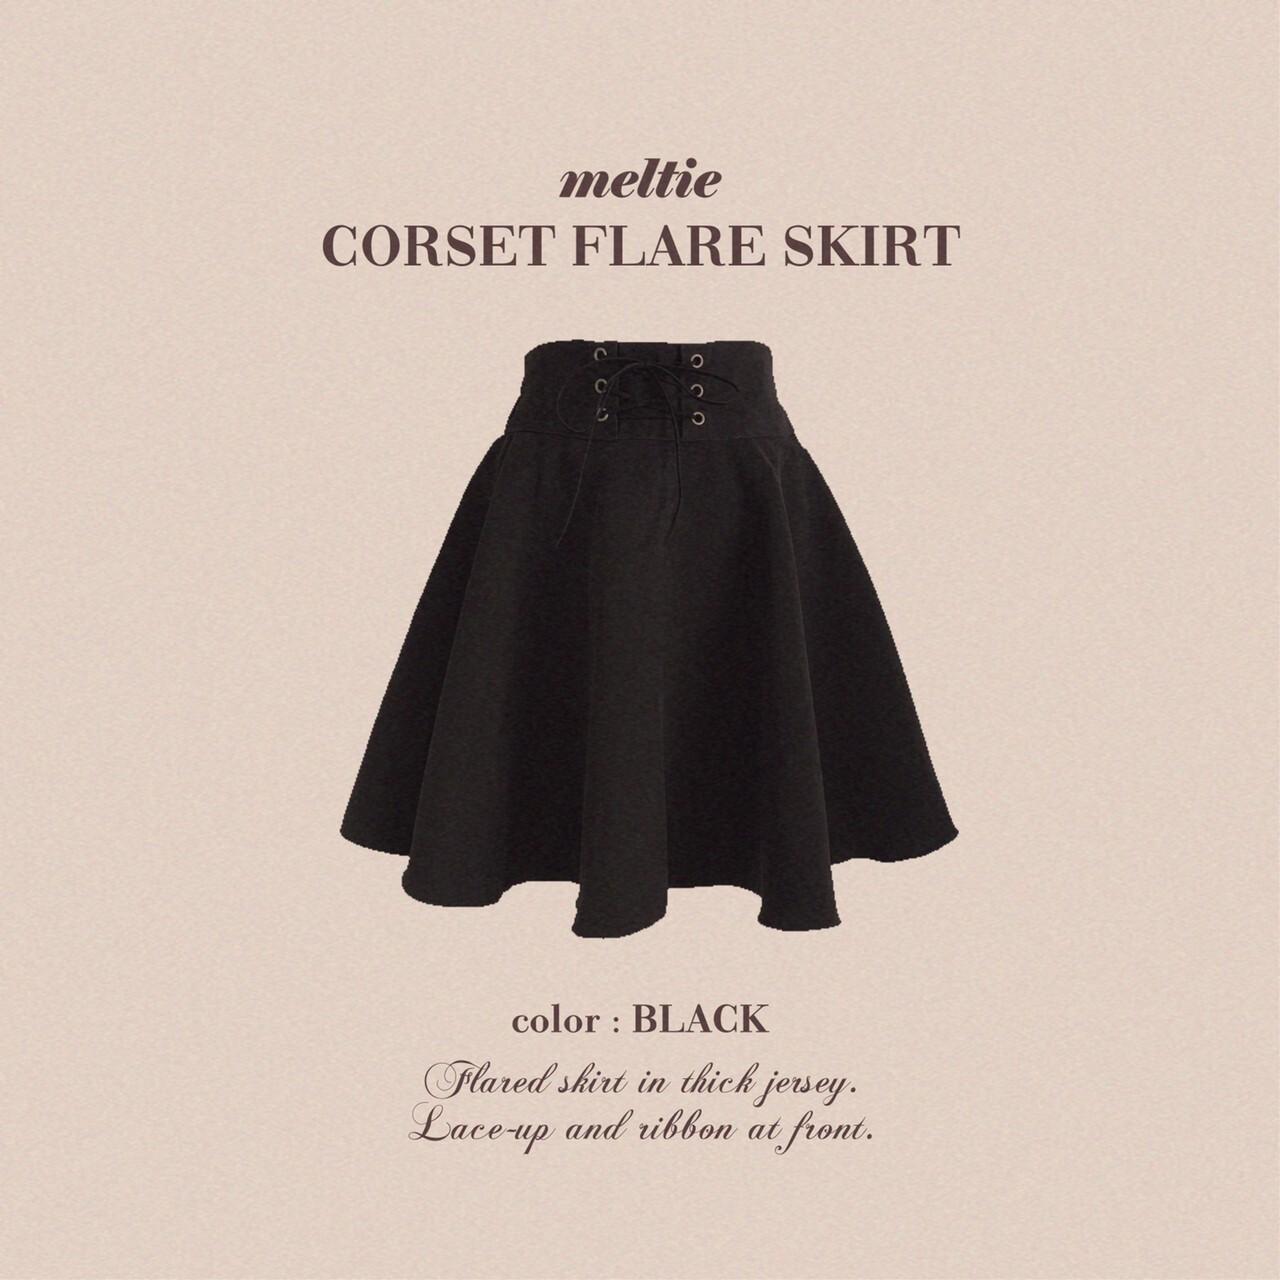 【meltie】corset flare skirt